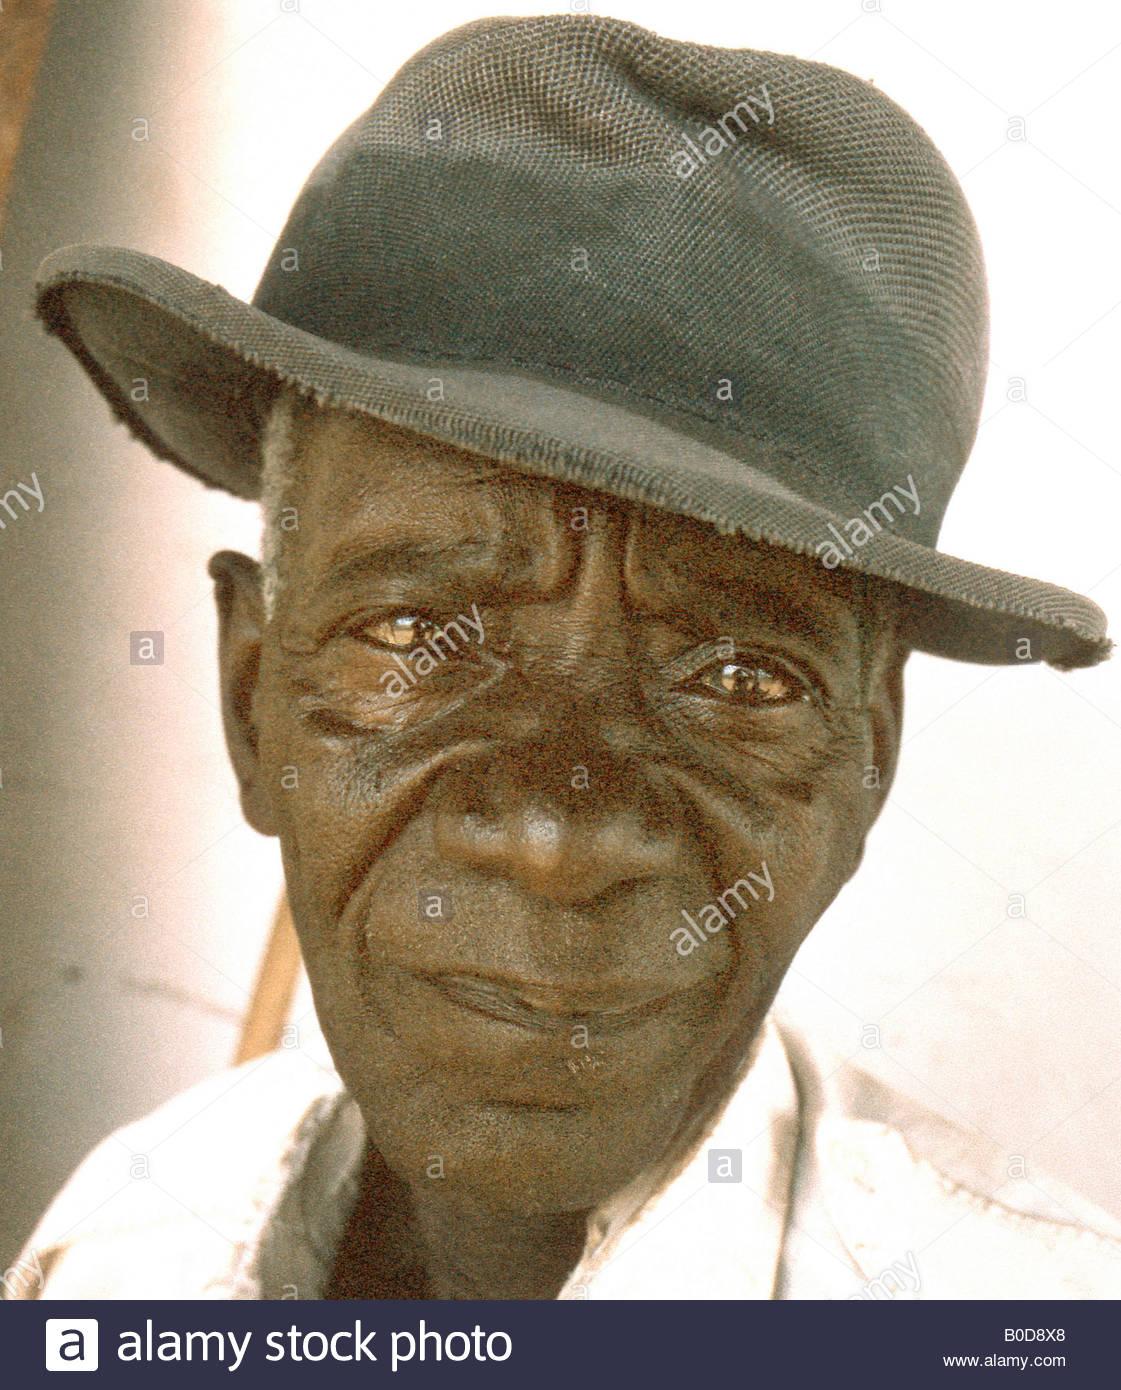 Tanzania African man Tanzanie Afrique de l'Est East Southern Africa portraiture portraits - Stock Image